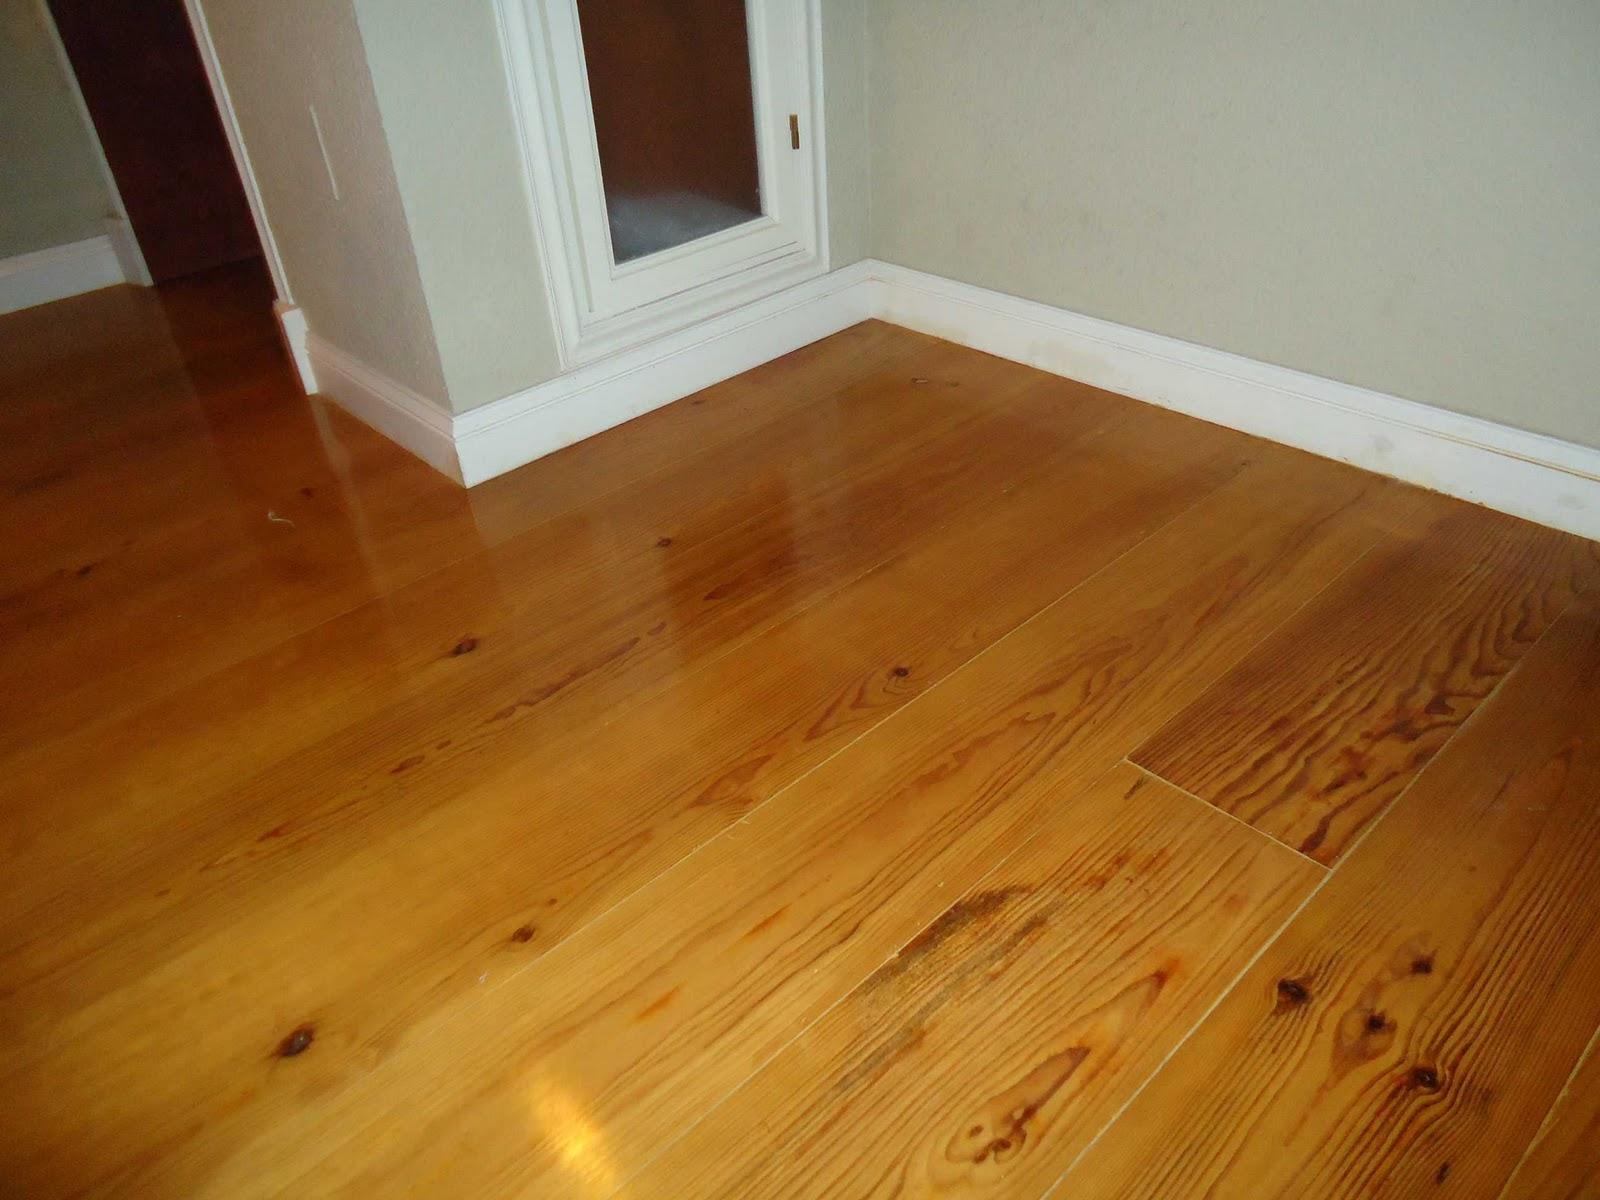 Z calos de madera y suelo porcel nico decorar tu casa - Colocar suelo porcelanico ...